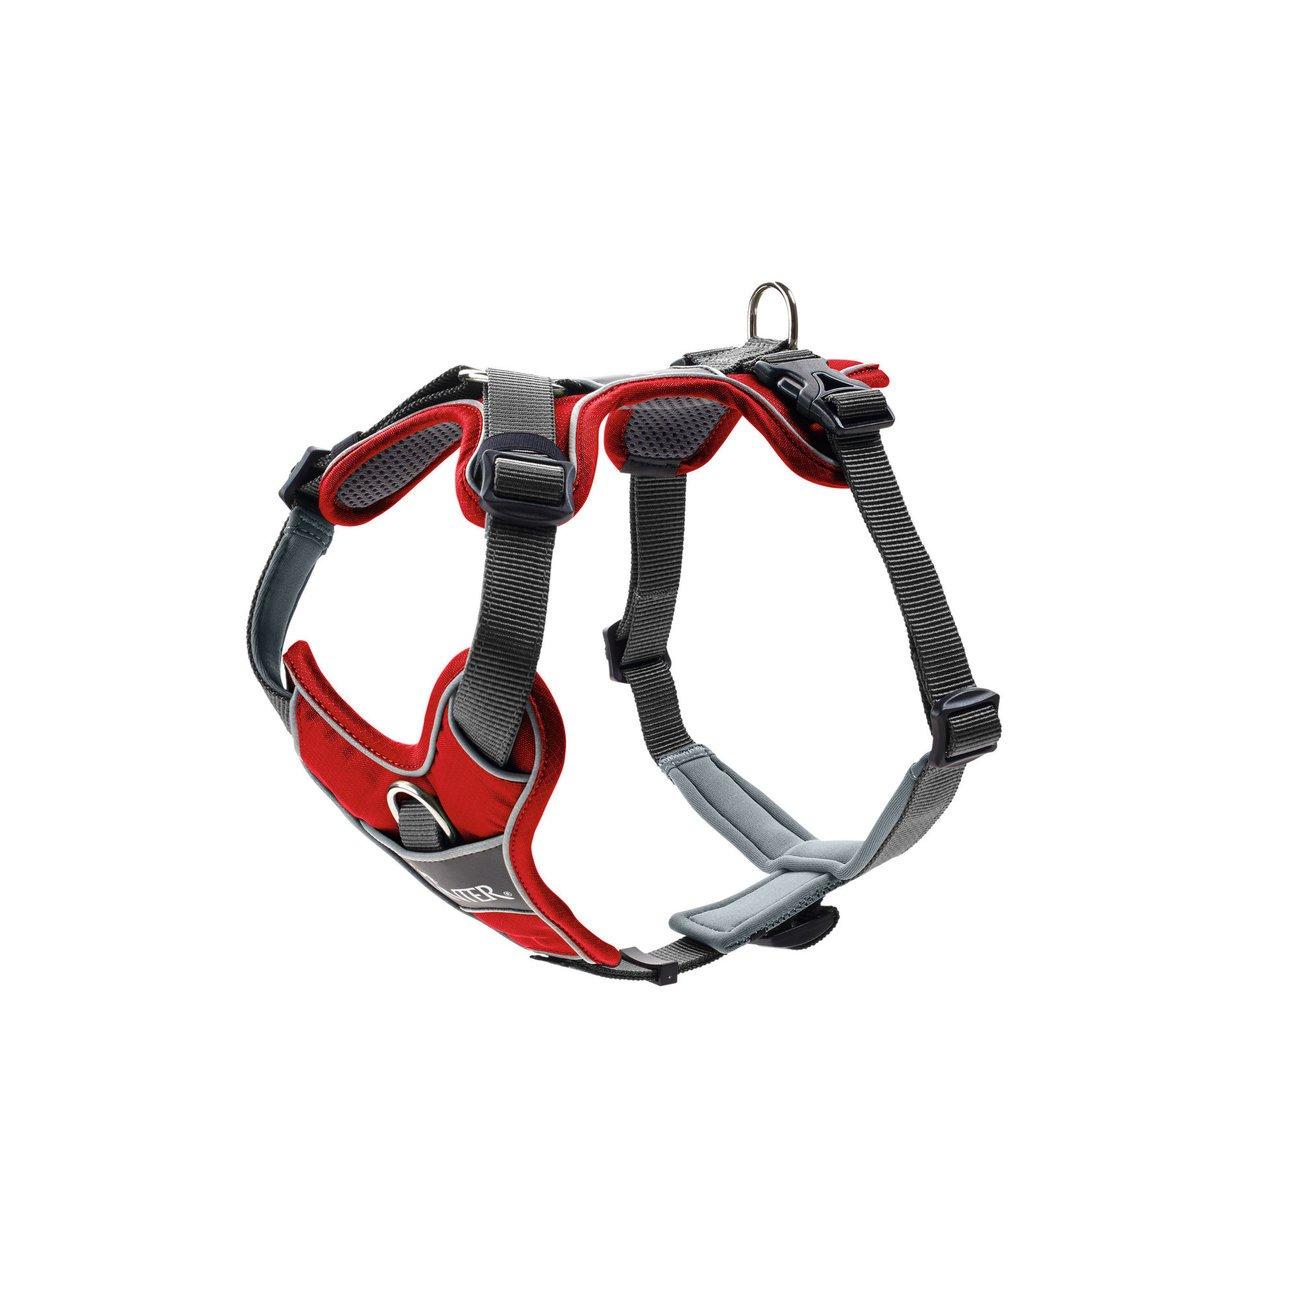 Hunter Hundegeschirr Divo, Gr. S: Hals 22-38 cm, Bauch 45-56 cm, rot/grau